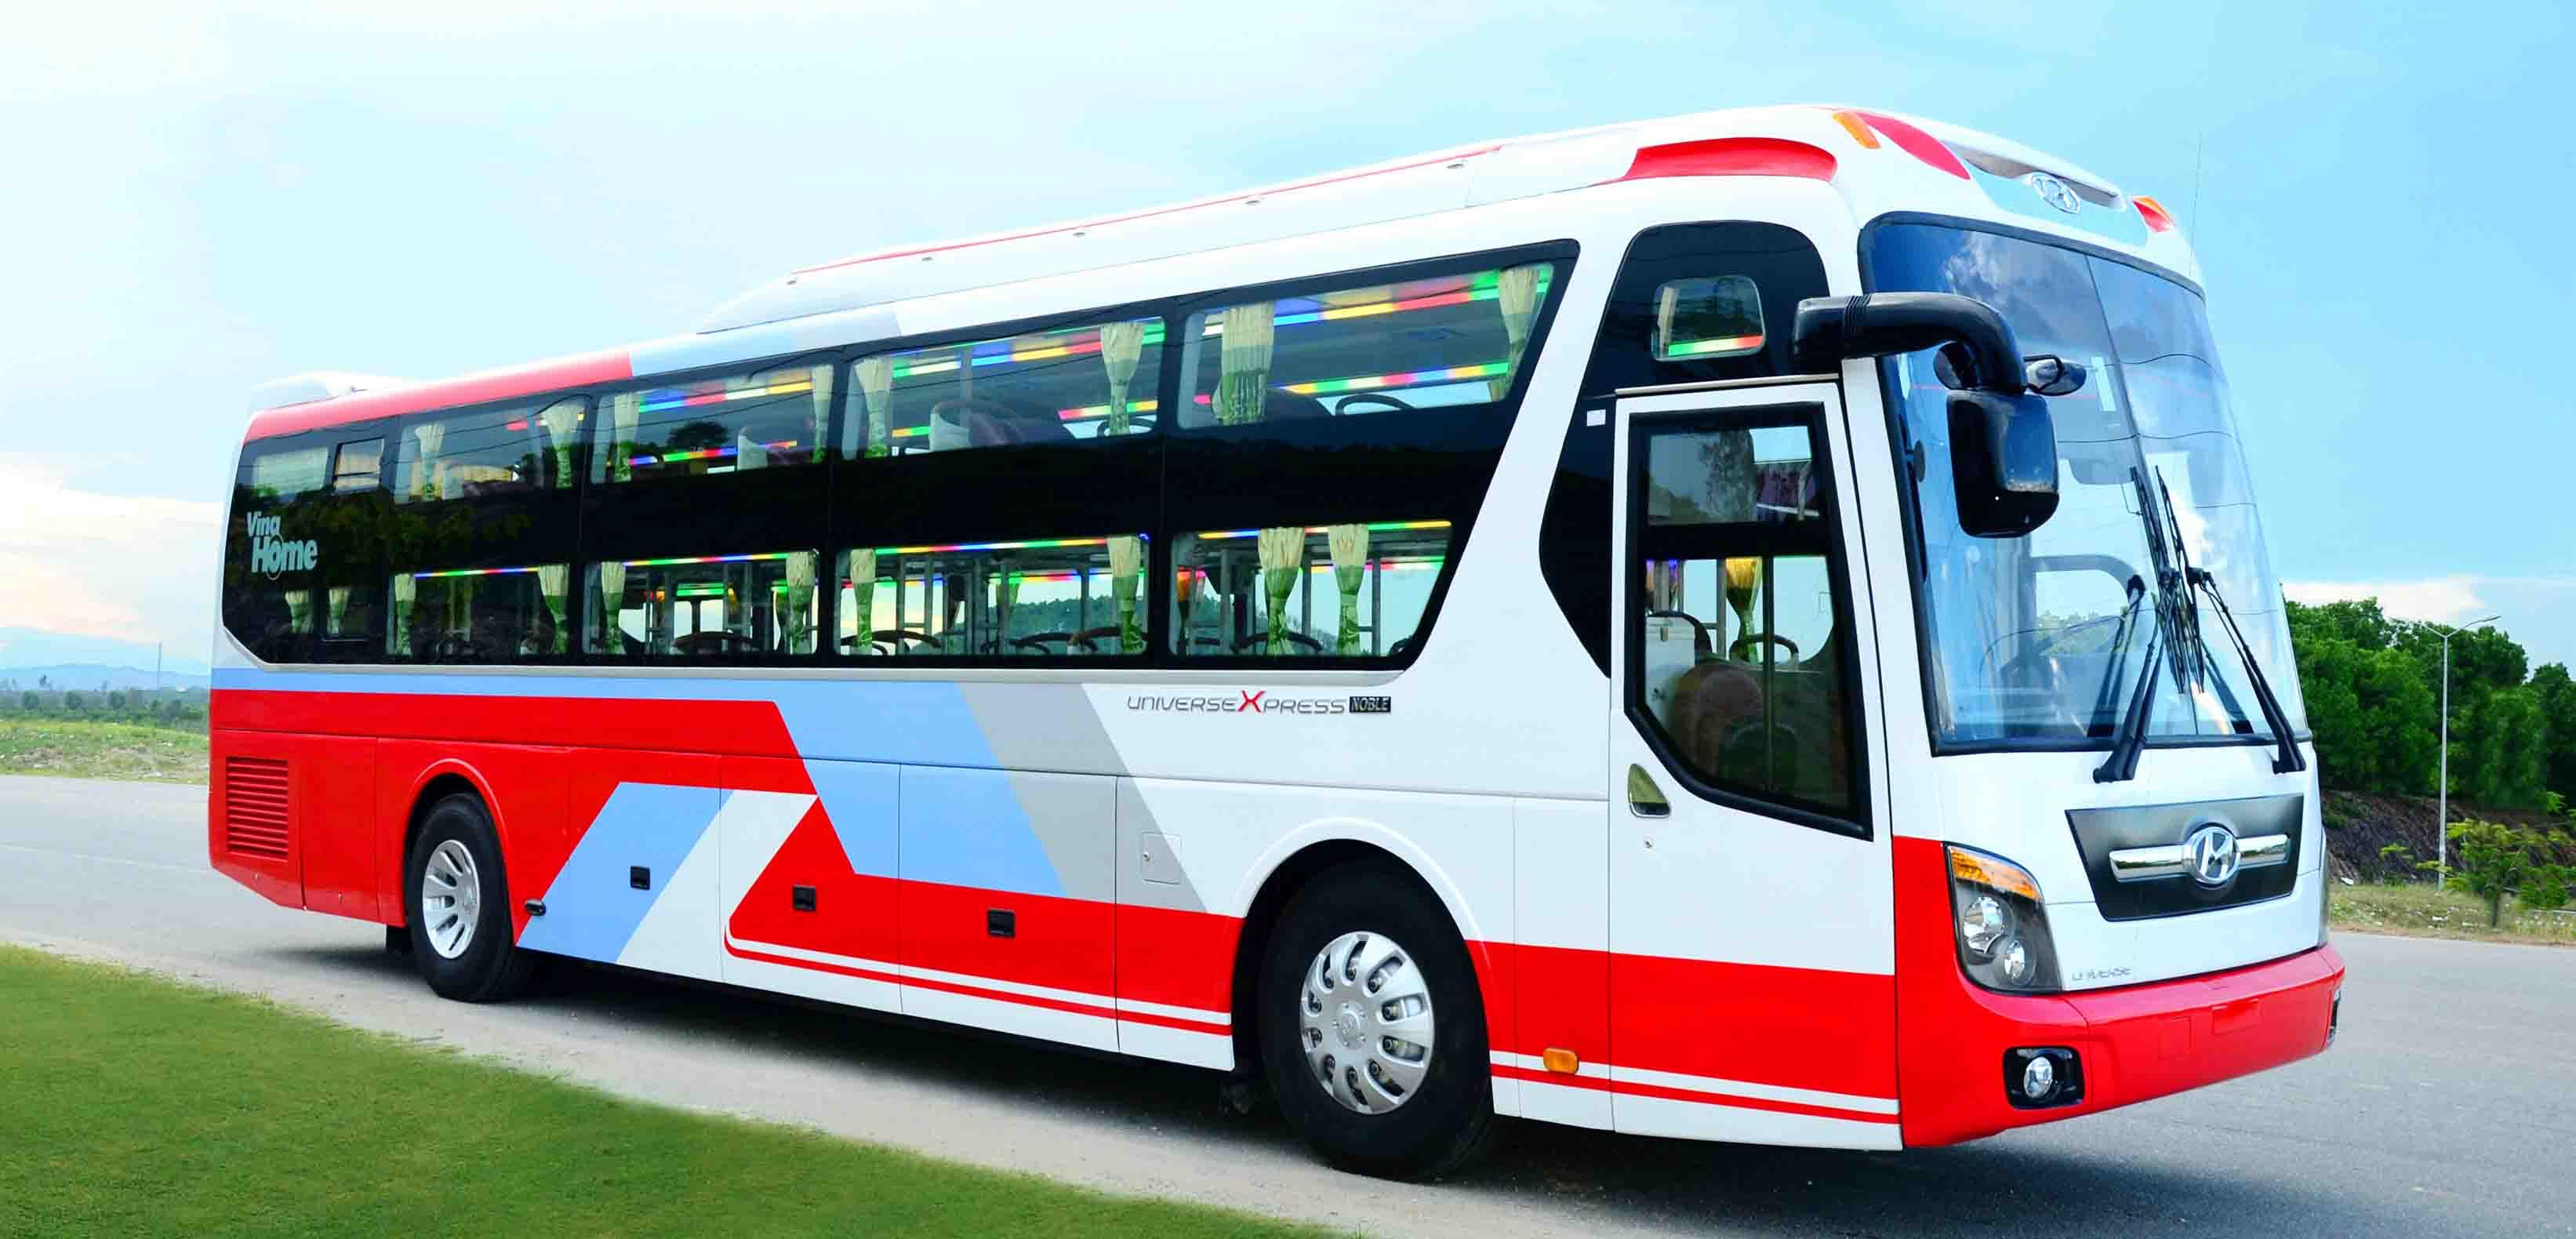 Kinh doanh vận tải hành khách theo hợp đồng là gì?